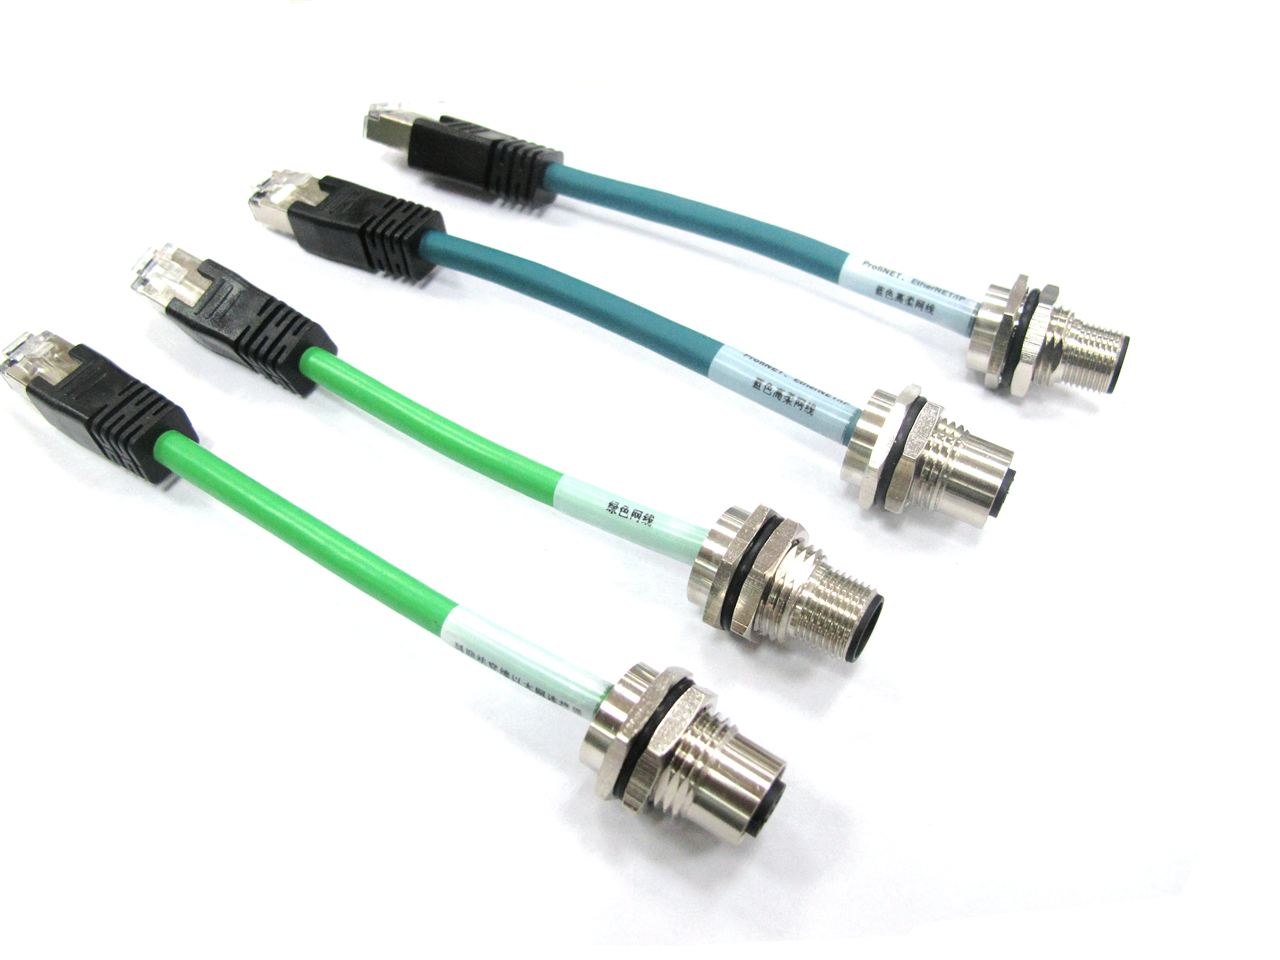 科迎法生产的EtherNet以太网防水连接器易于安装的 IP20工业RJ45连接器以及标准网络防水连接器上。科迎法提供易于安装的工业RJ45连接器与M12圆形连接器系列。基于通用核心插入件技术该系列无需工具即可安装,减少了安装时间和成本。该系列配有4引脚、8引脚,多可支持 1Gbps 的数据传输率。针对较低的传输率。